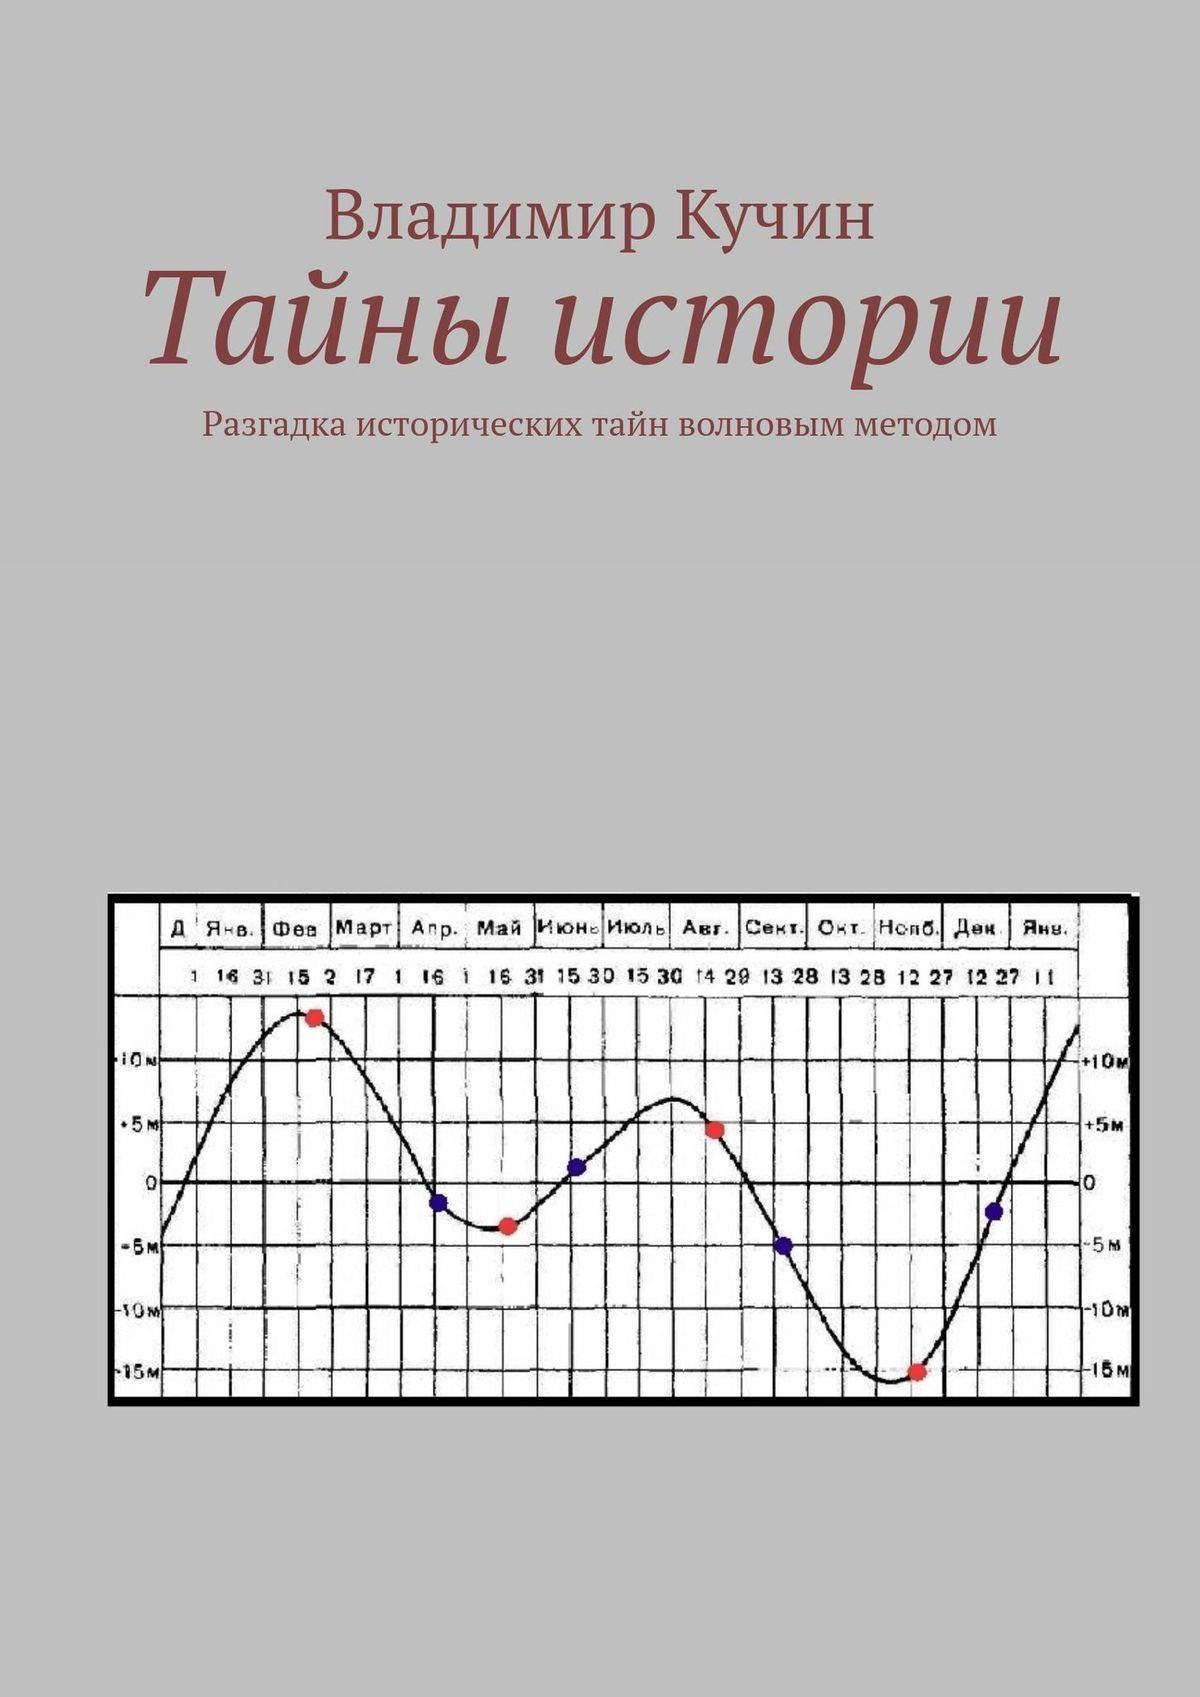 Владимир Кучин - Тайны истории. Разгадка исторических тайн волновым методом